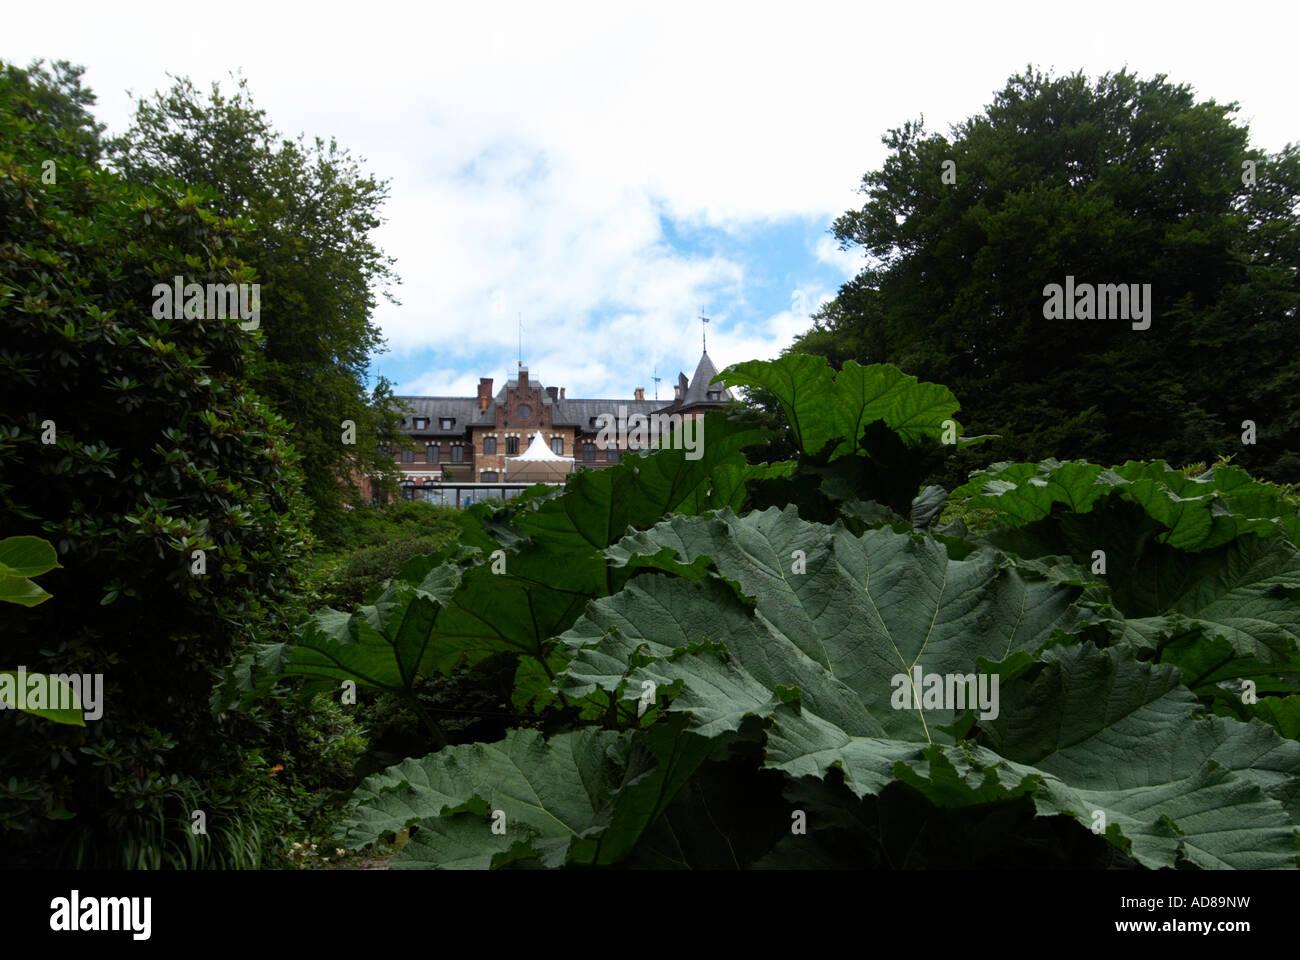 Växter Stock Photos & Växter Stock Images - Alamy